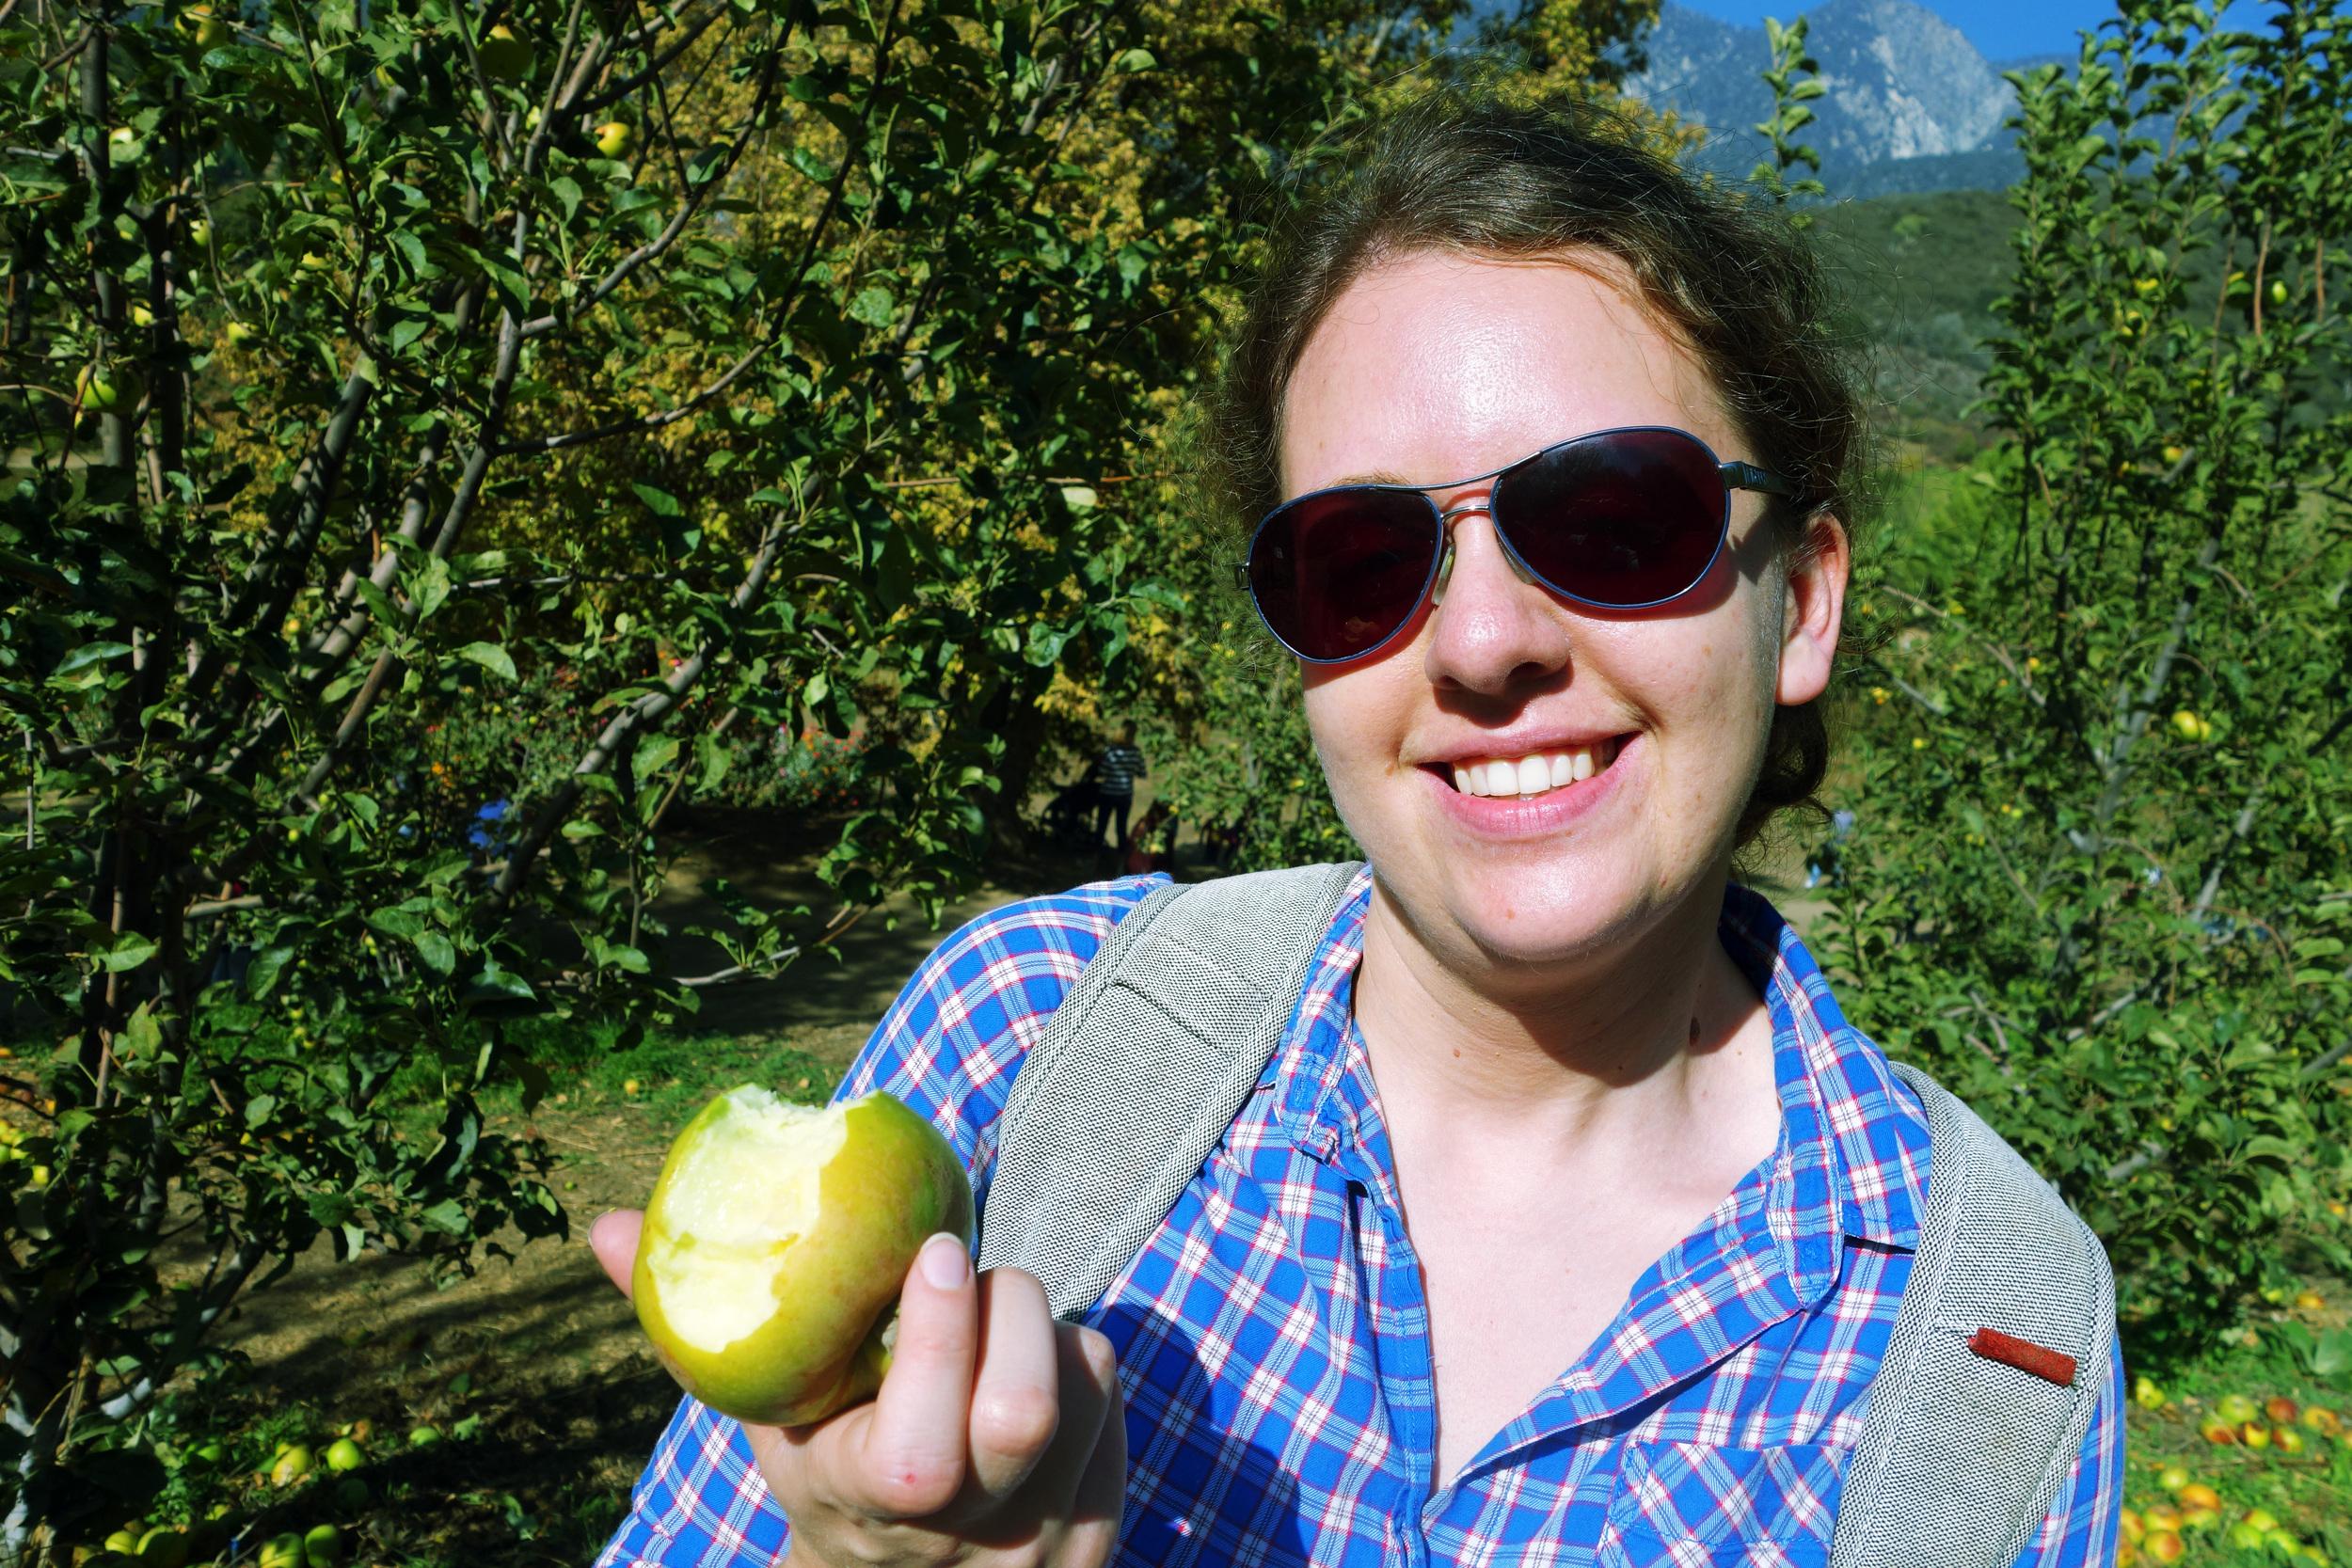 DSC01999 Erica's Apple.JPG